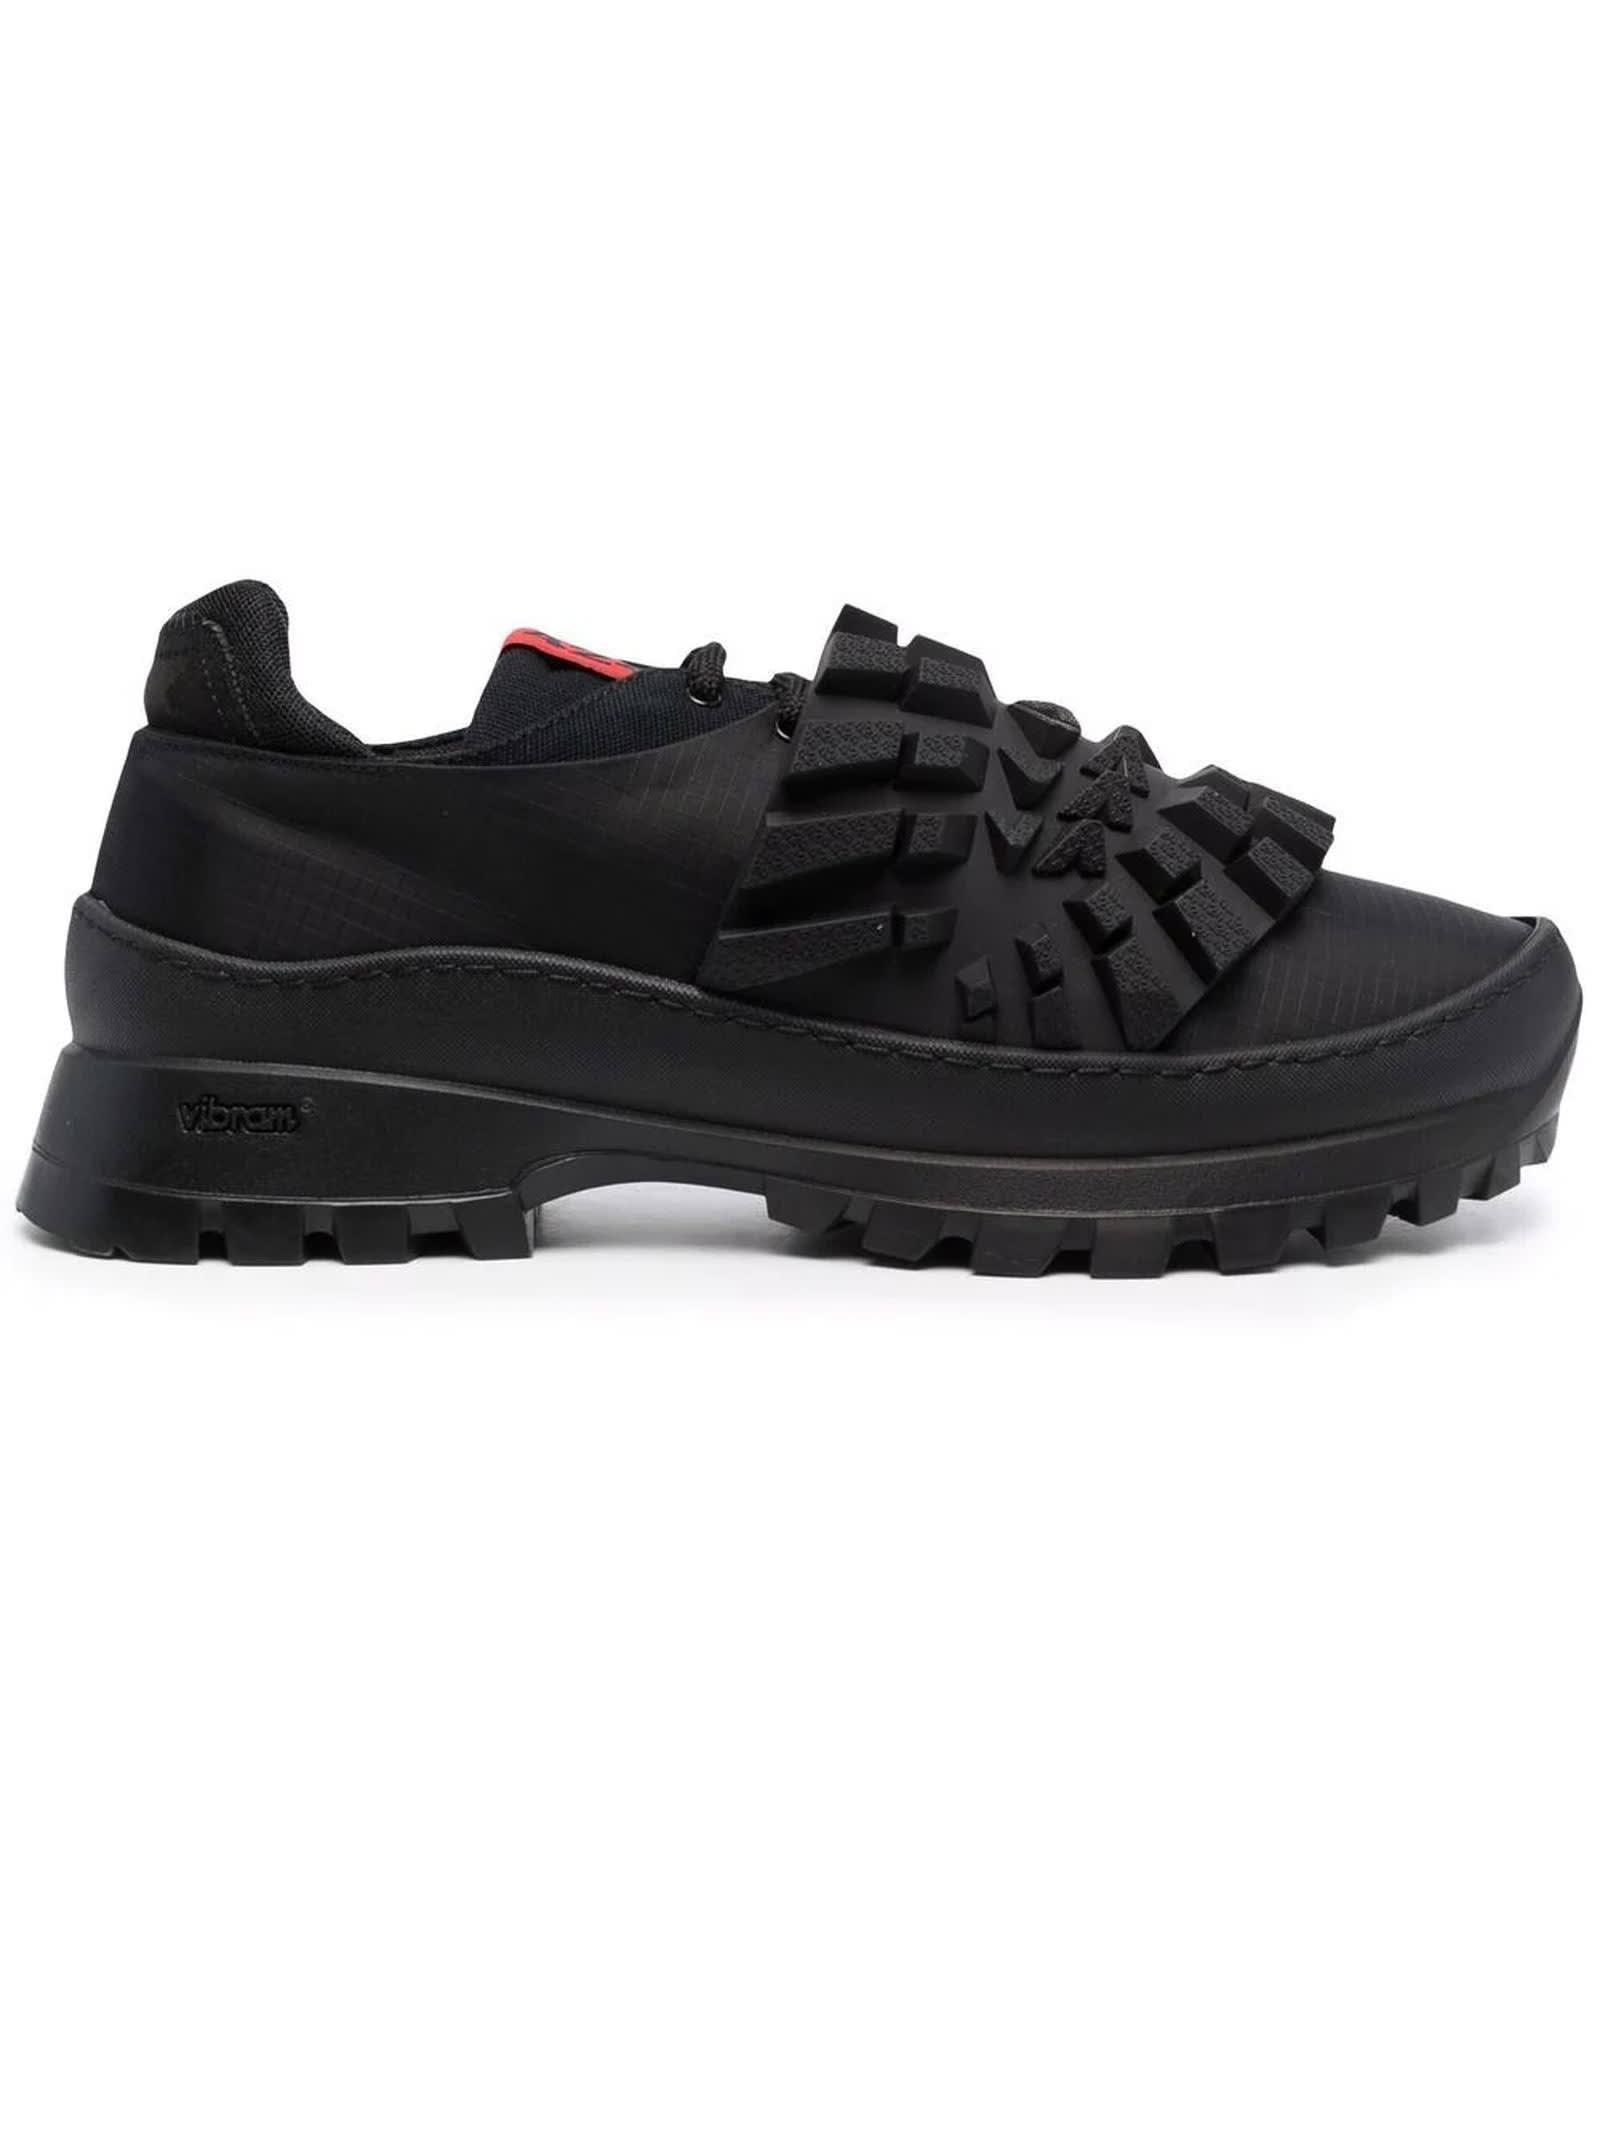 Black Snekers